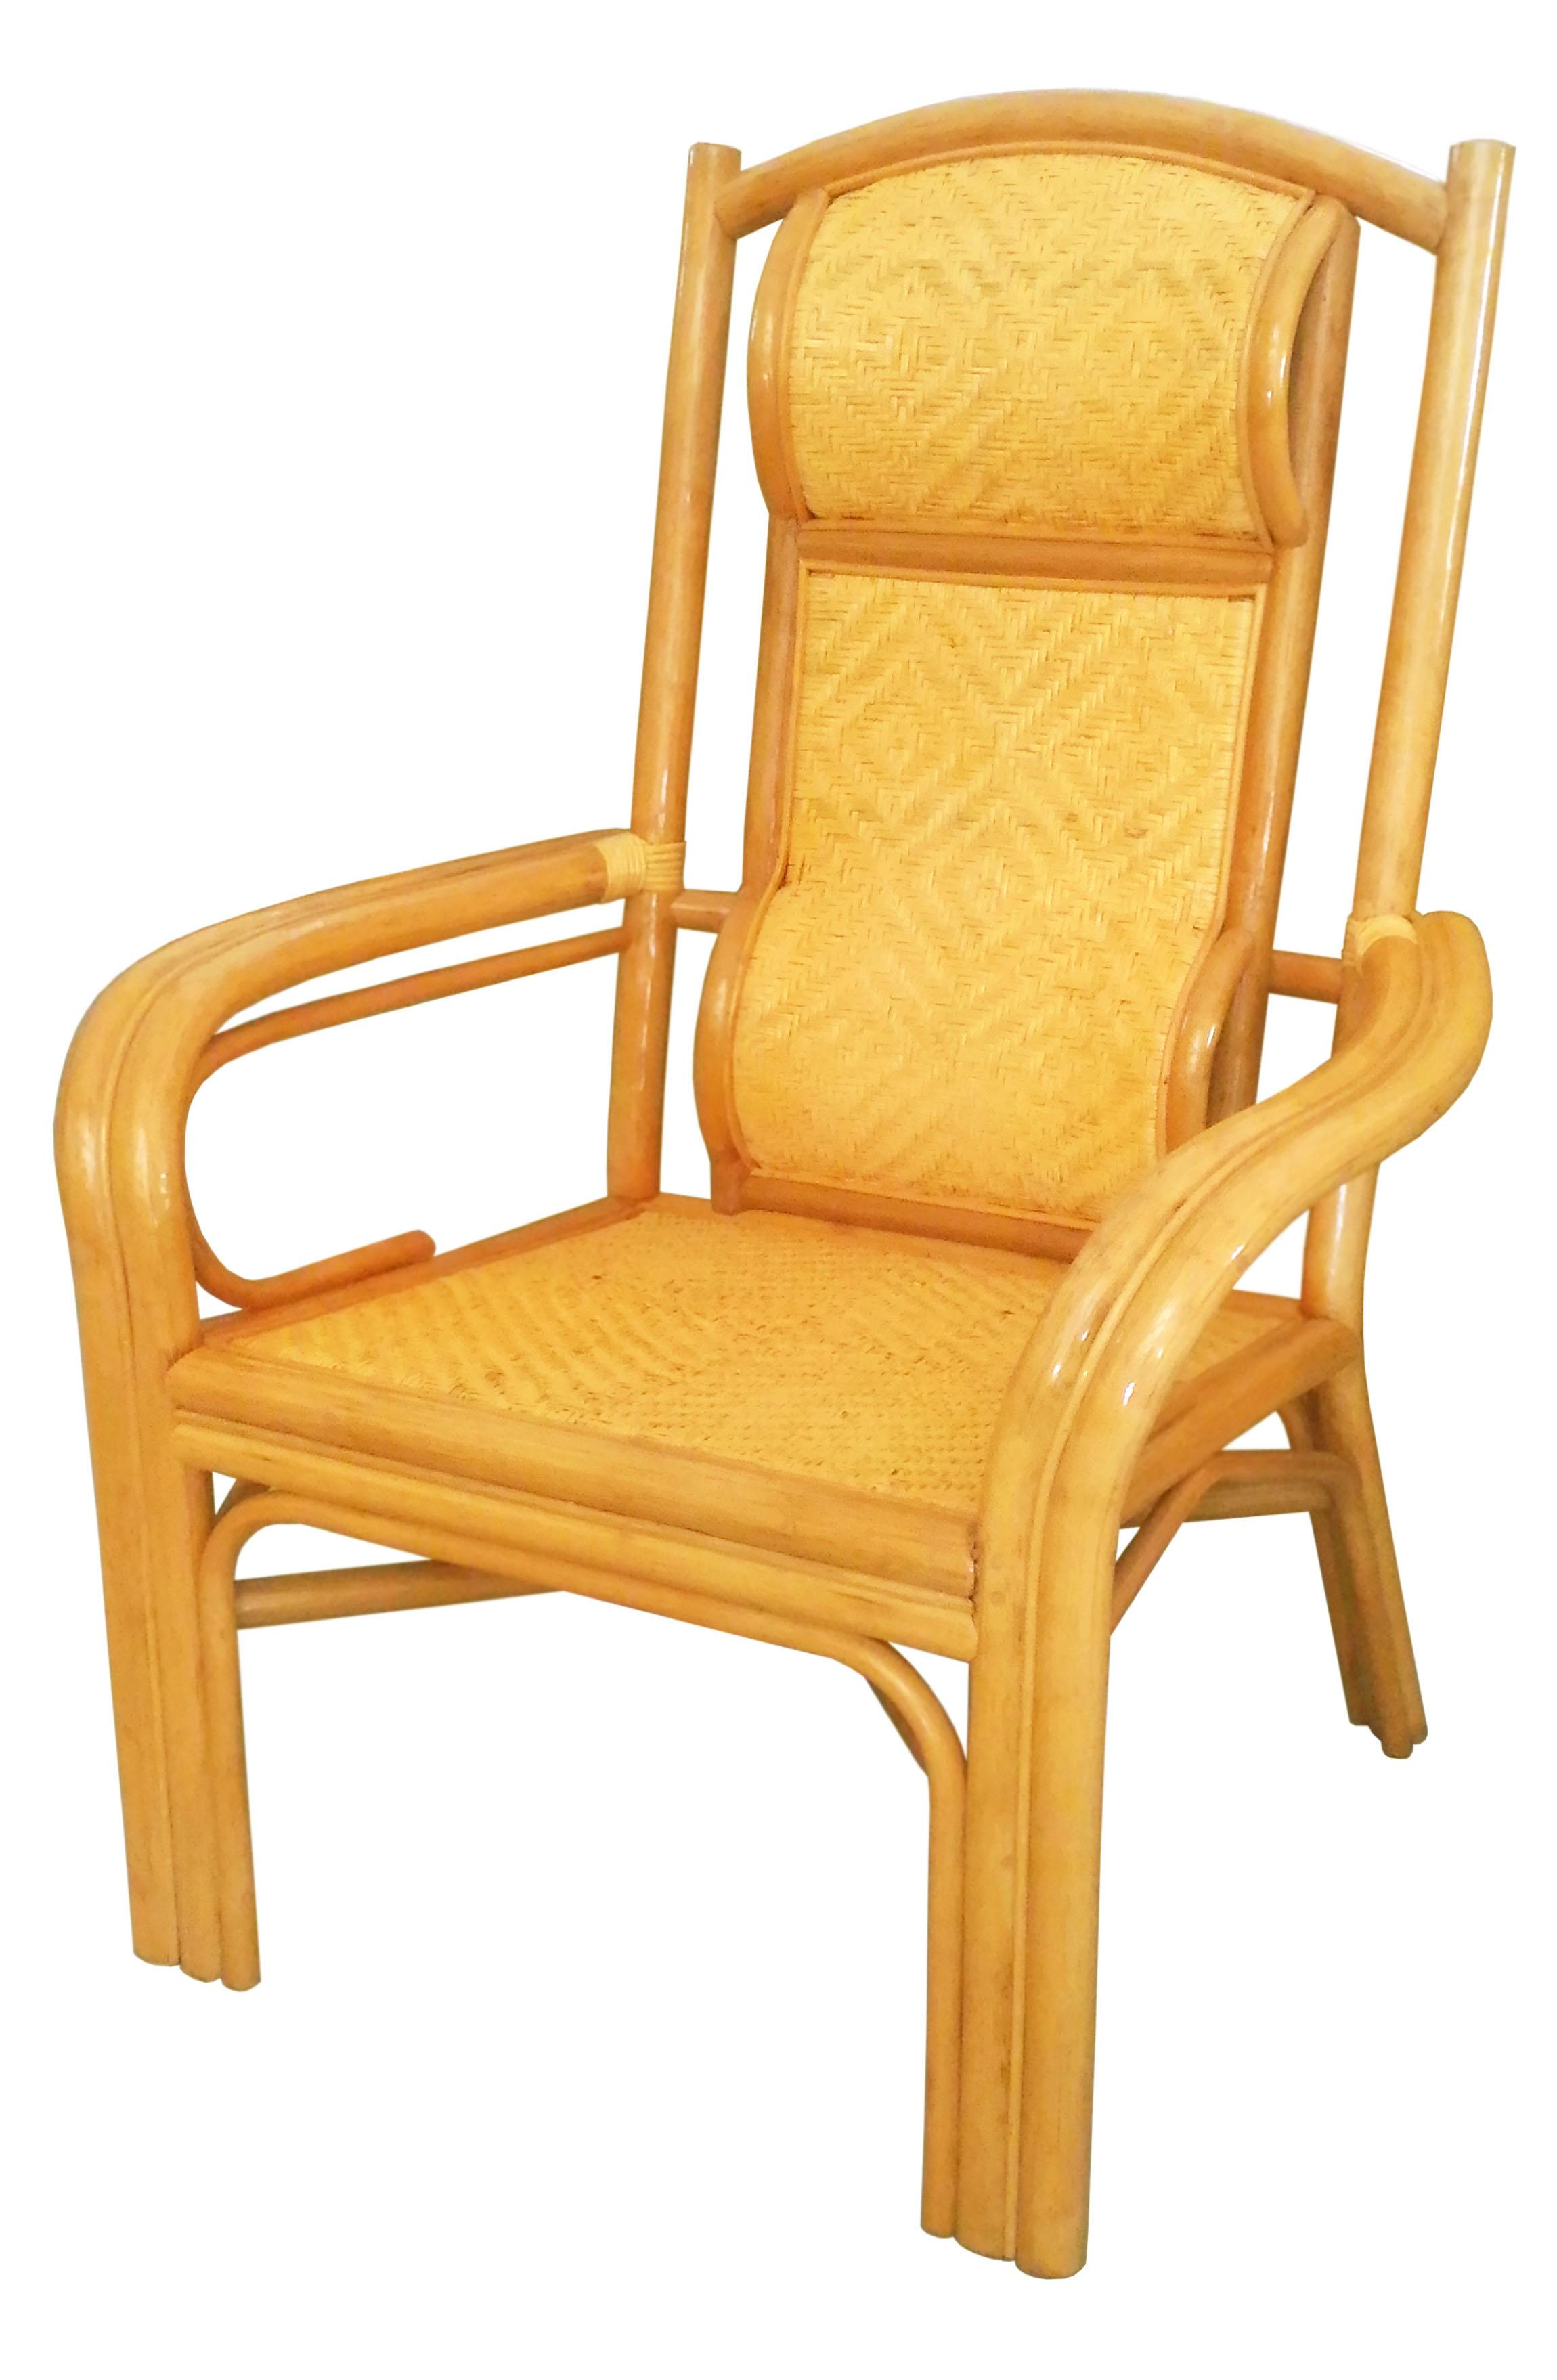 【MSL】黃金太師椅 / 盤腿椅 / 靜坐椅 1